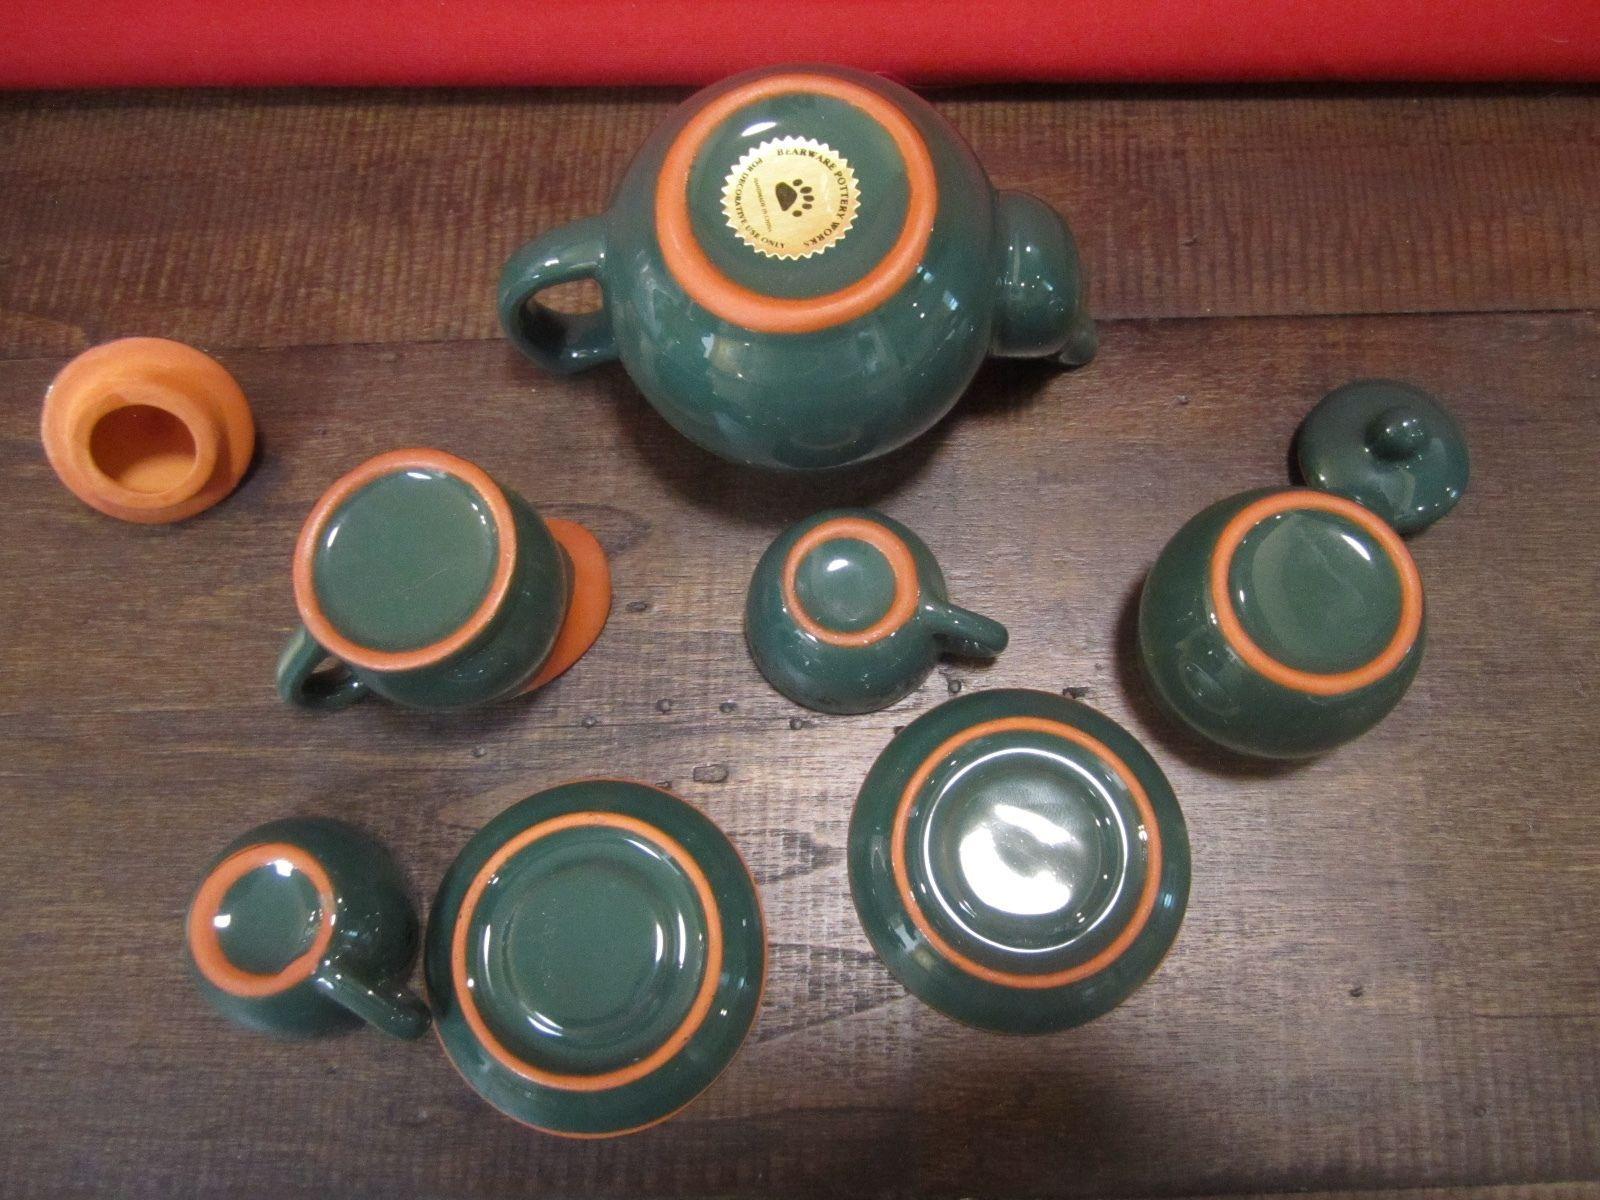 Boyds Bears Potteryworks Teaset #654600  Dark Green in box Emily's Teaset